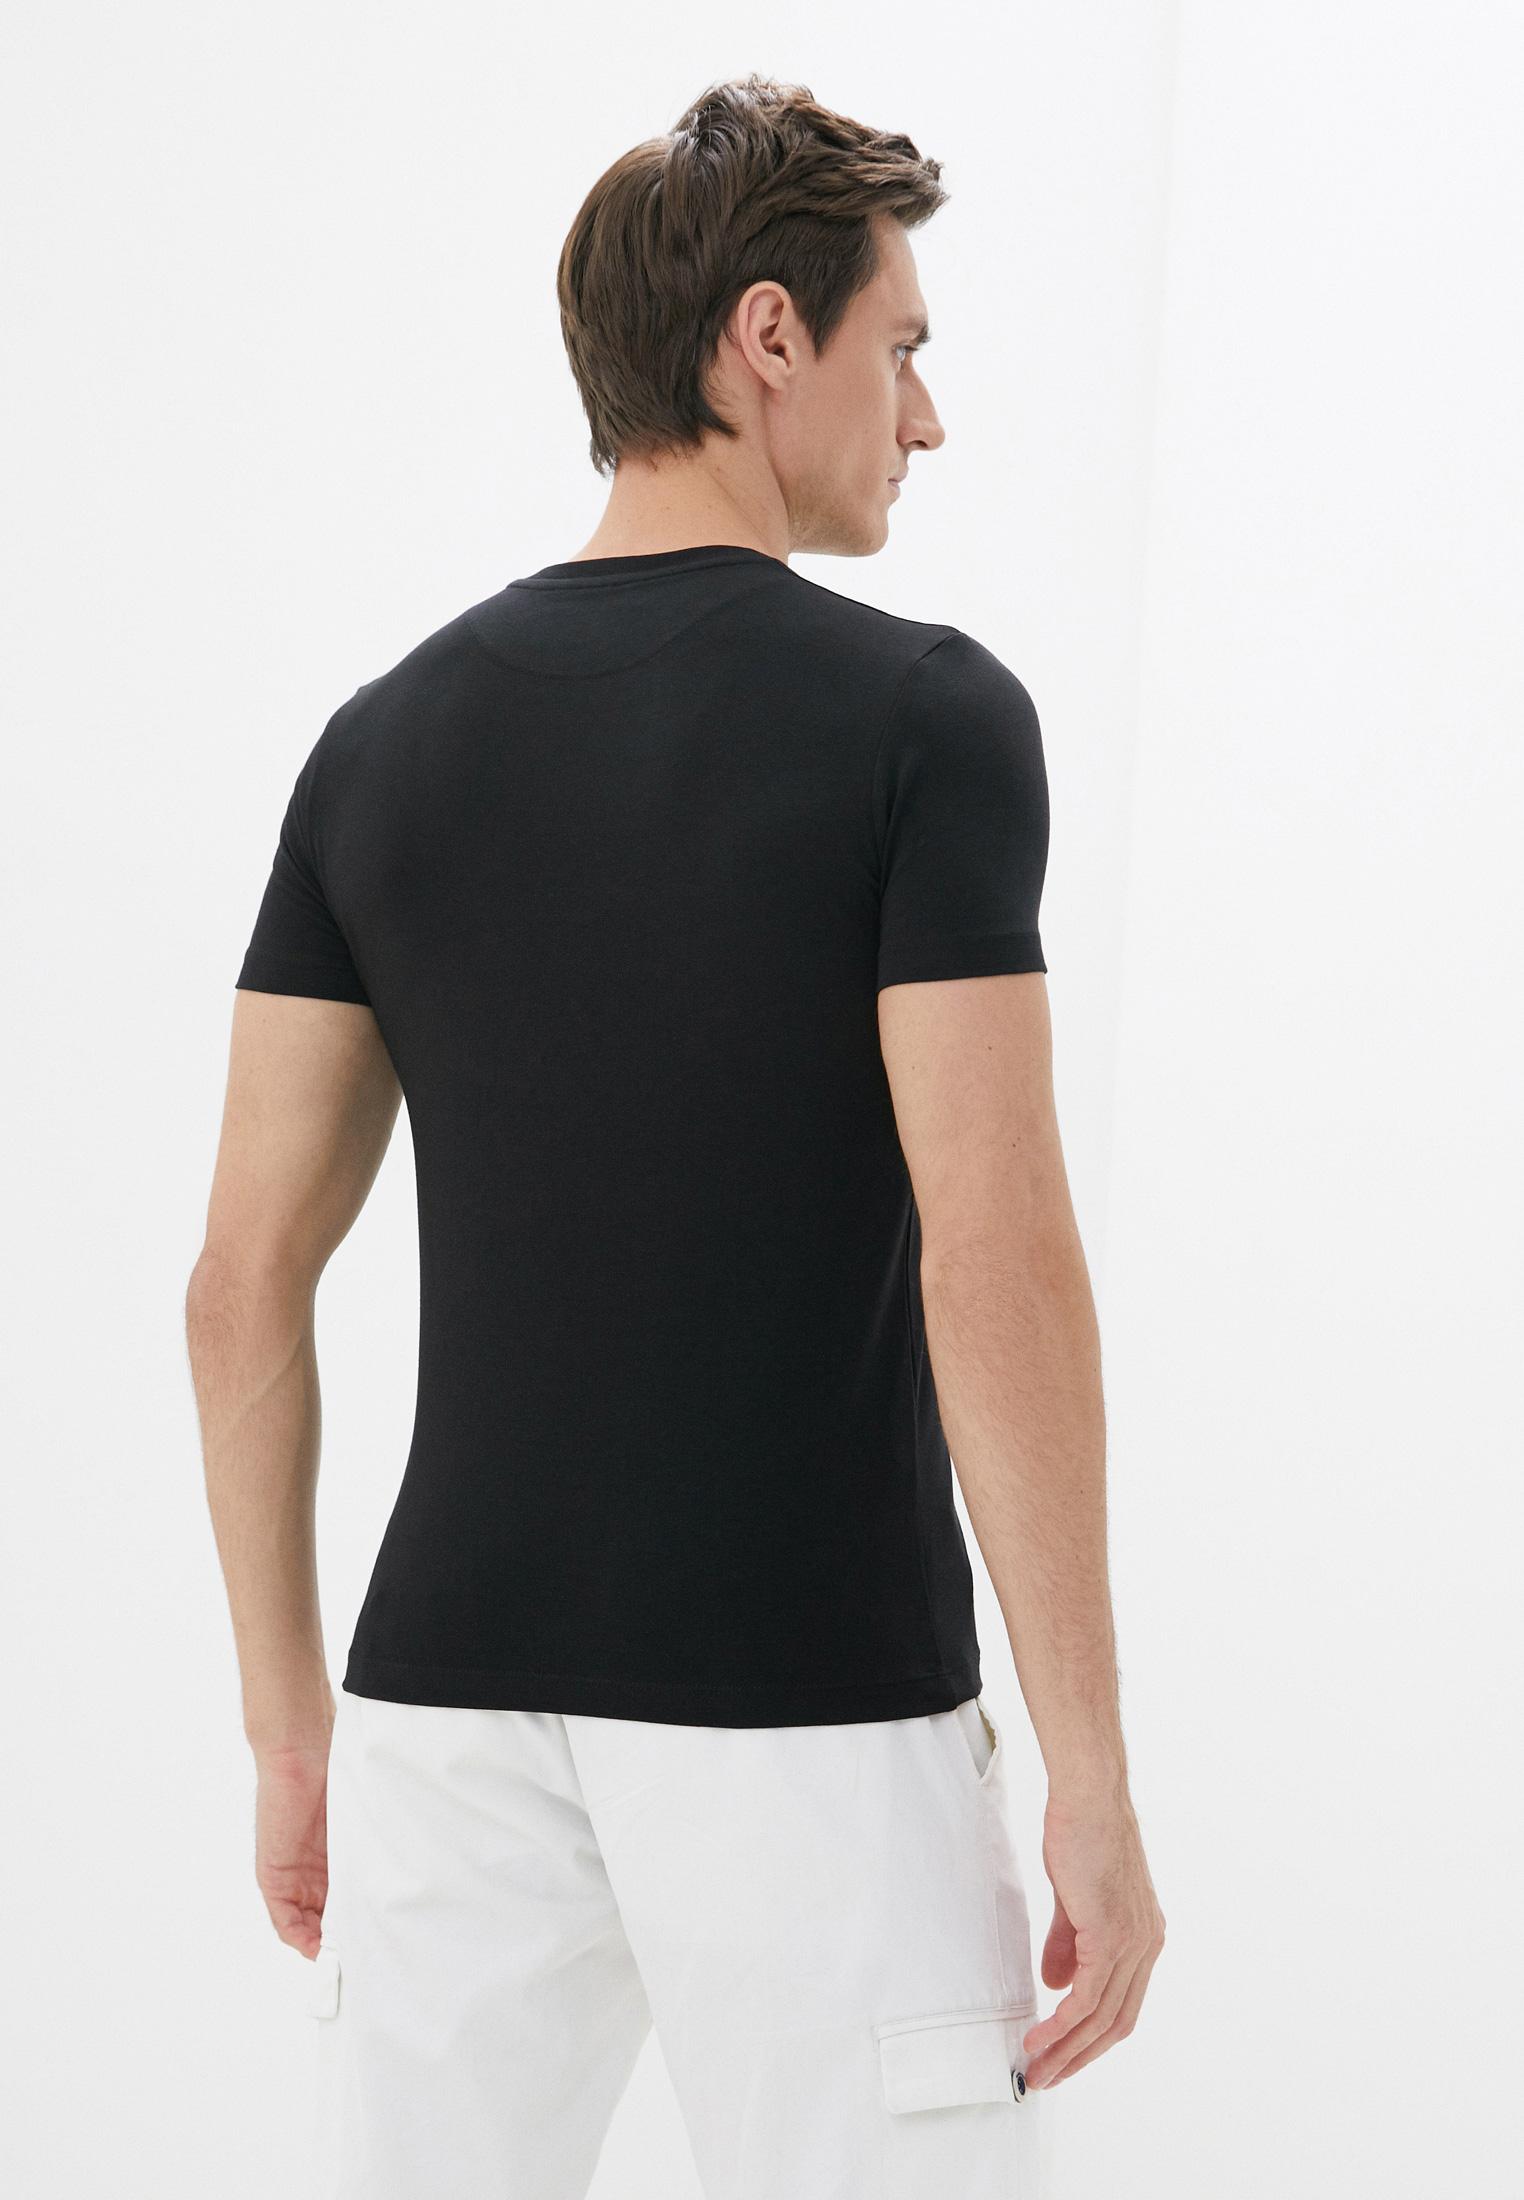 Мужская футболка Bikkembergs (Биккембергс) C 7 016 4T E 1823: изображение 4